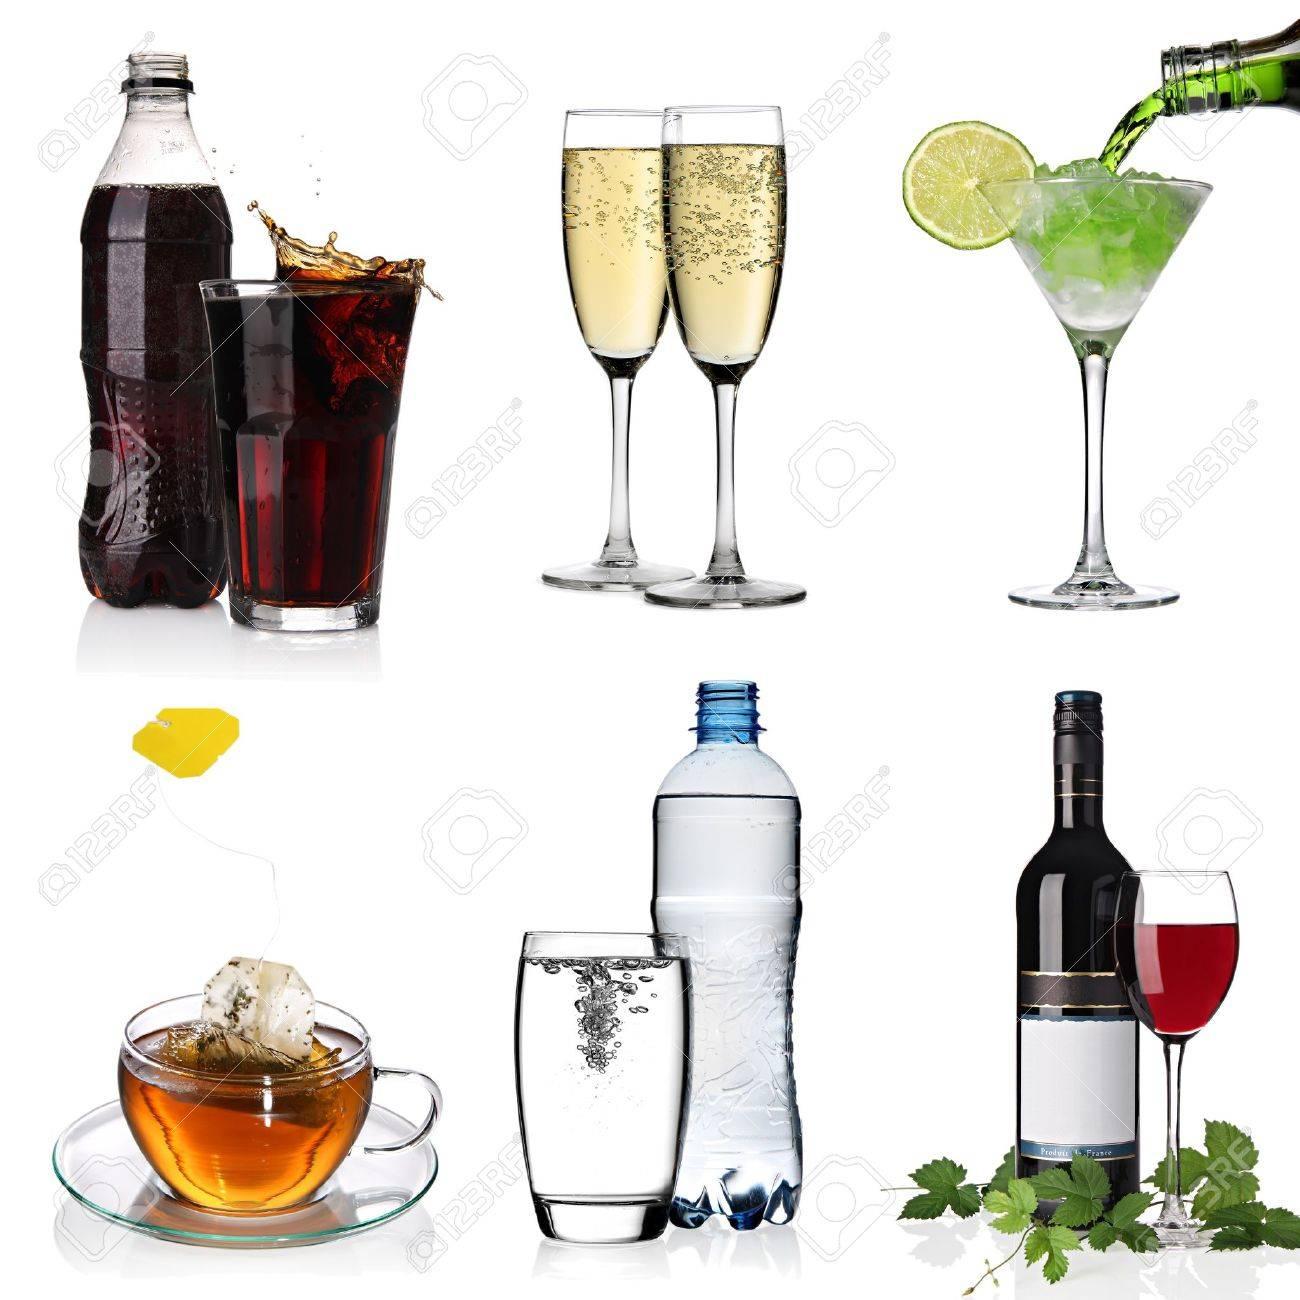 Calici Vino E Acqua bevande collage con cola, cocktail, acqua, tazza di tè, bicchieri di  champagne e vino rosso